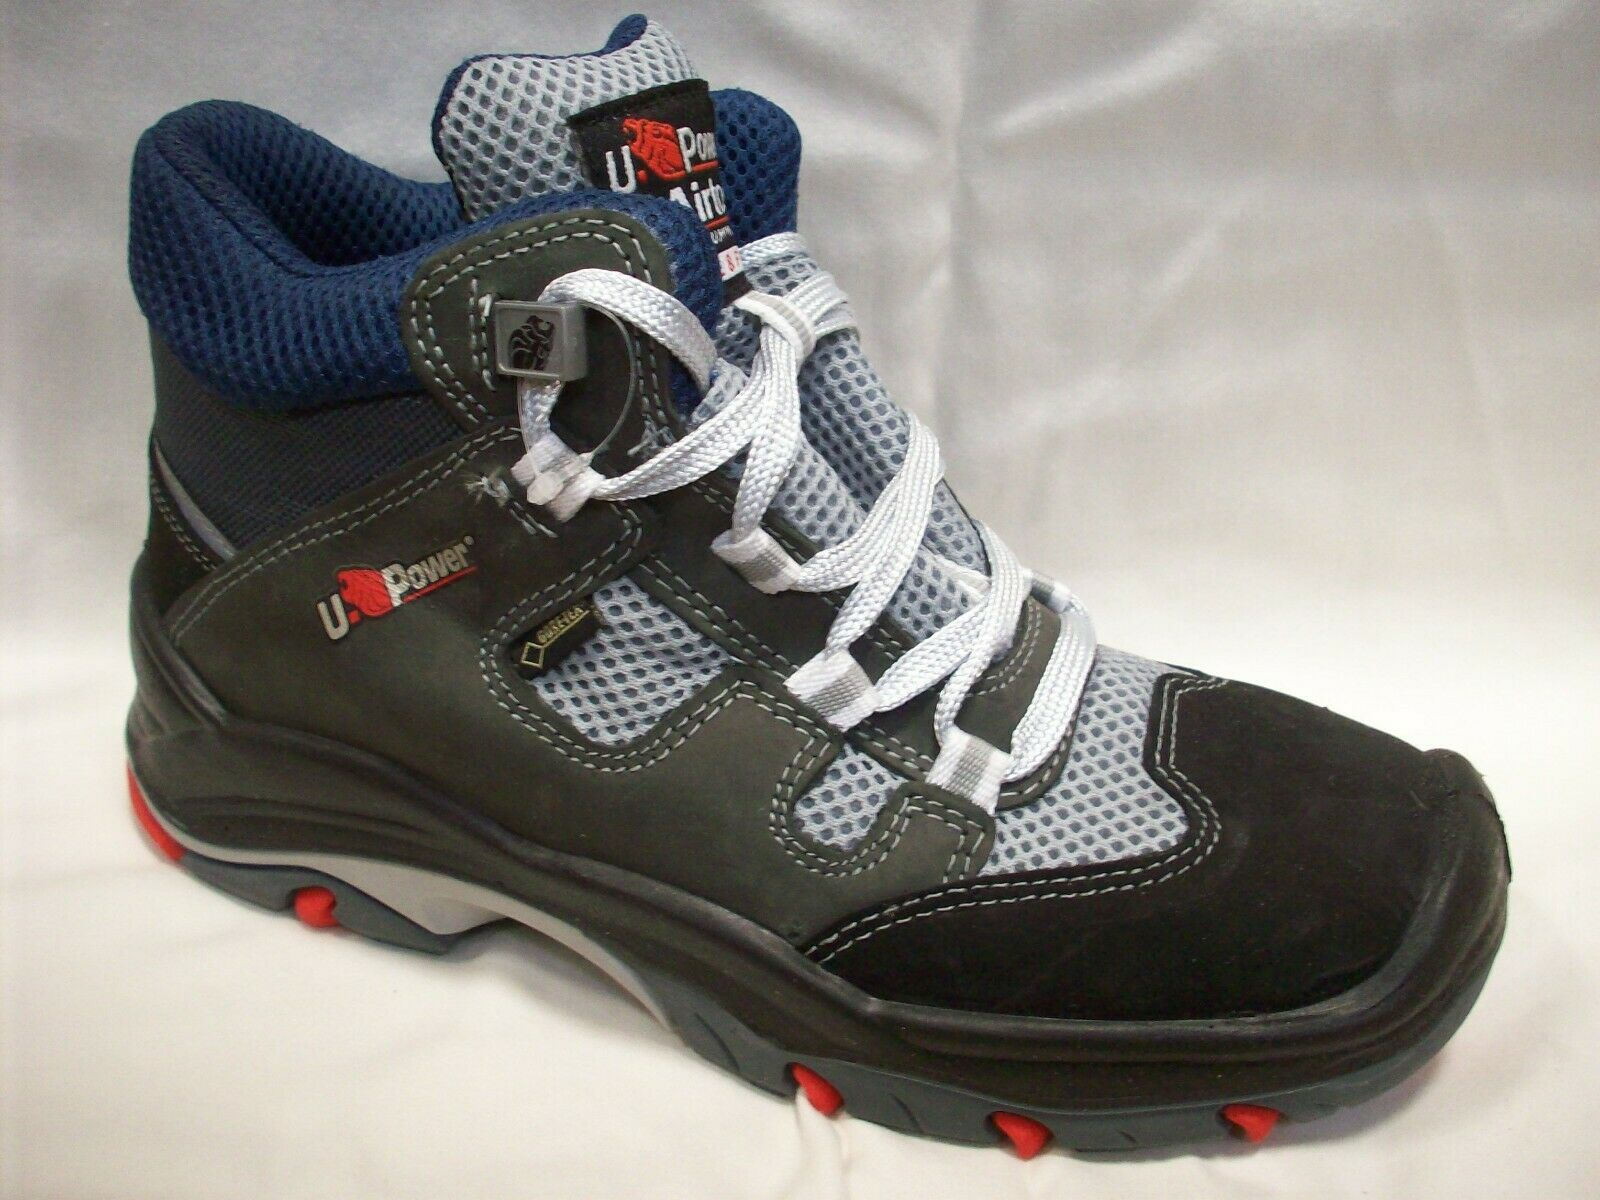 Tamaño 9 U PUMP Impermeable GORTEX Gor-POWER Tex Caminar botas Cuero Tapa De Seguridad